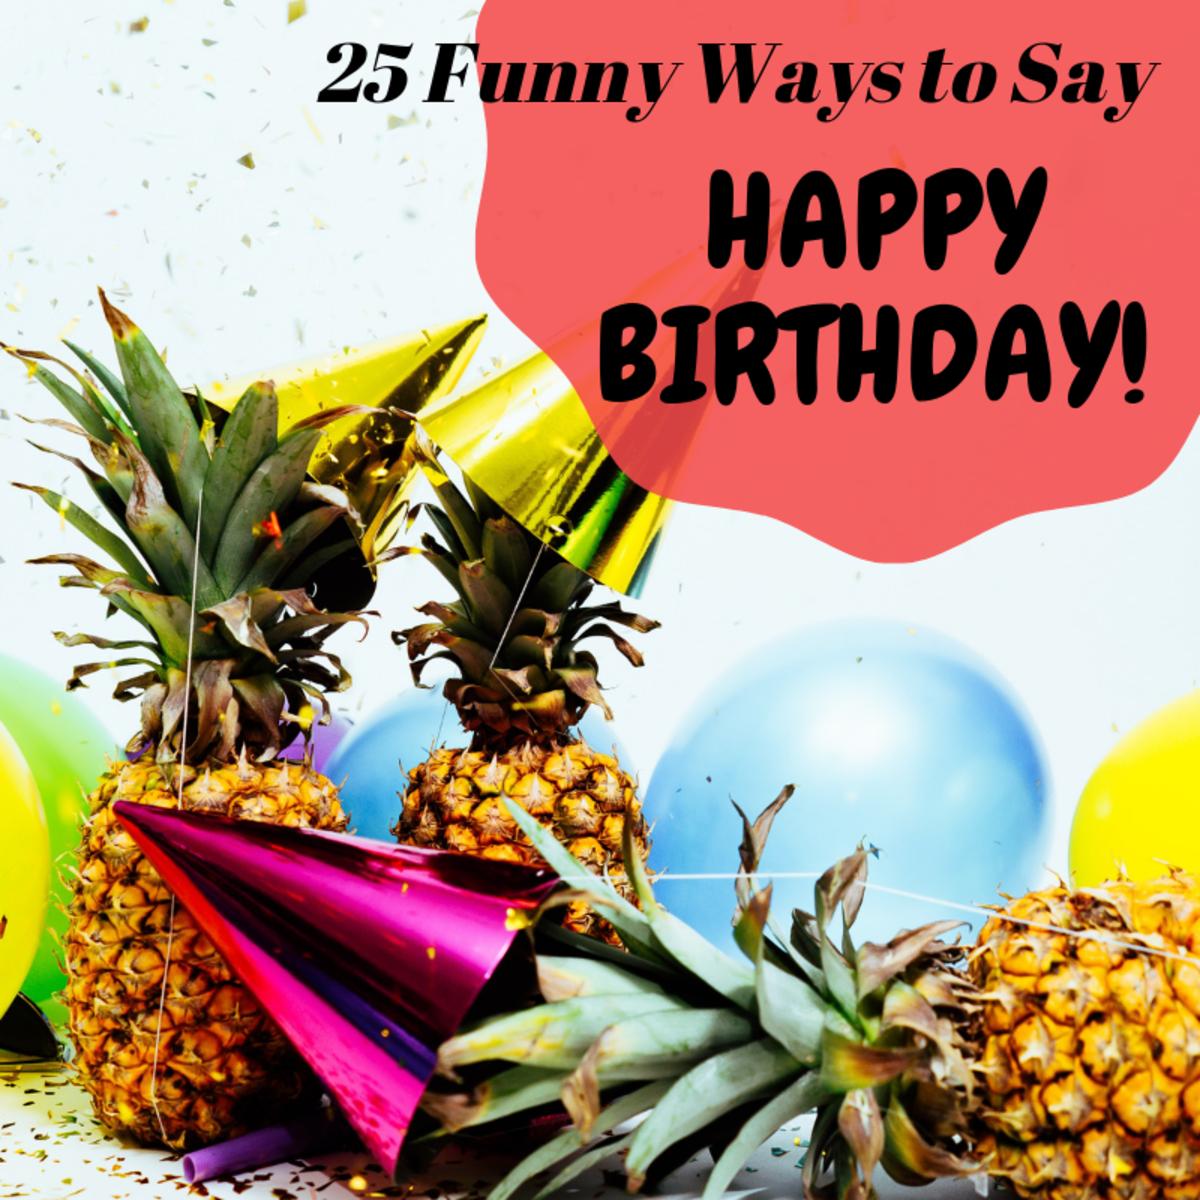 25 Funny Ways to Say Happy Birthday